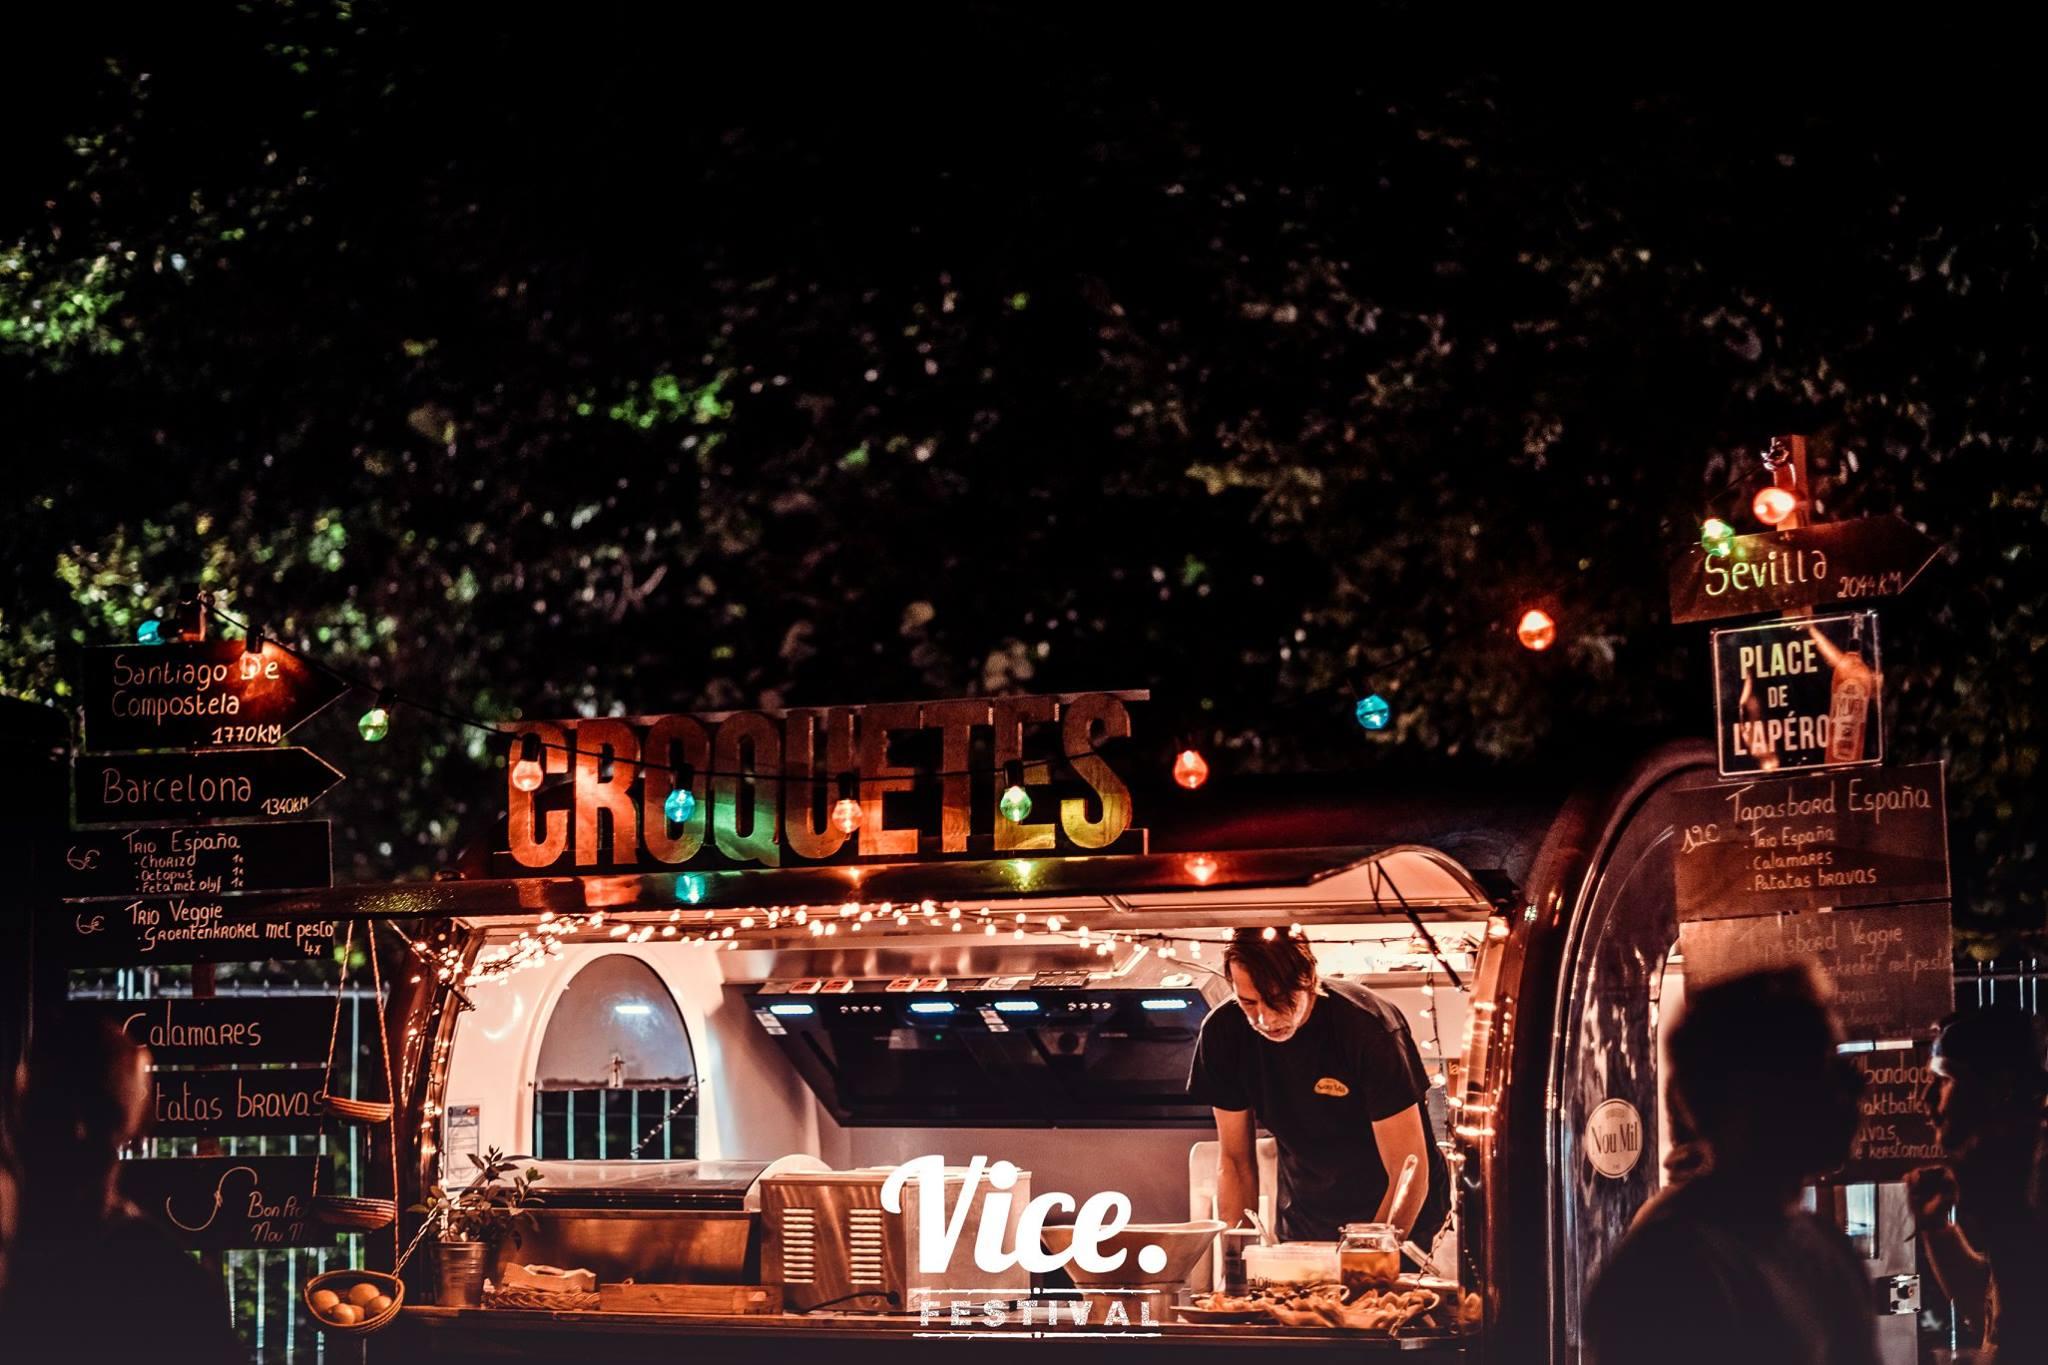 Vice festival